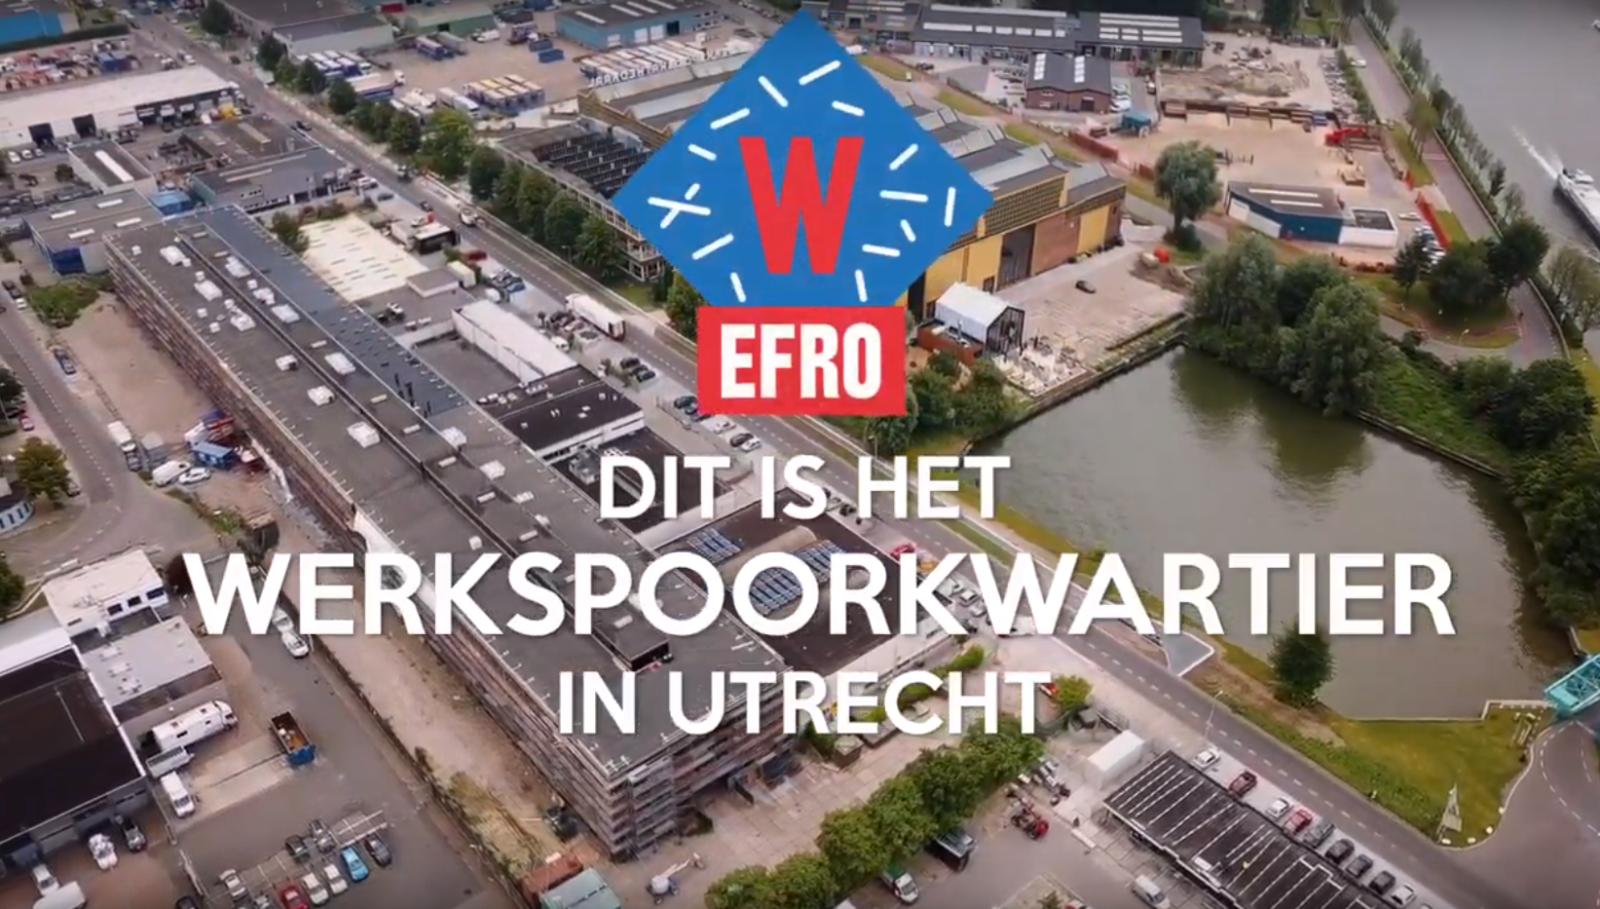 Werkspoorkwartier Utrecht minidocumentaire circulaire gebiedsontwikkeling